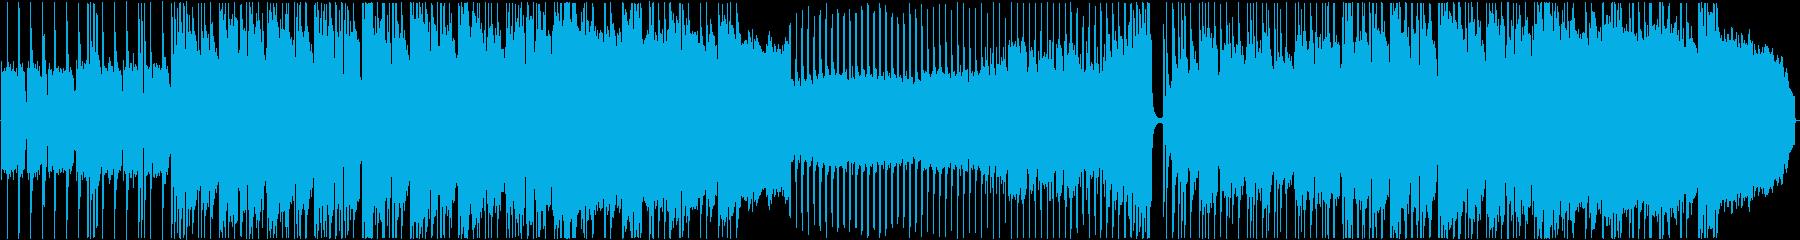 エネルギッシュなアップビート・ロック の再生済みの波形